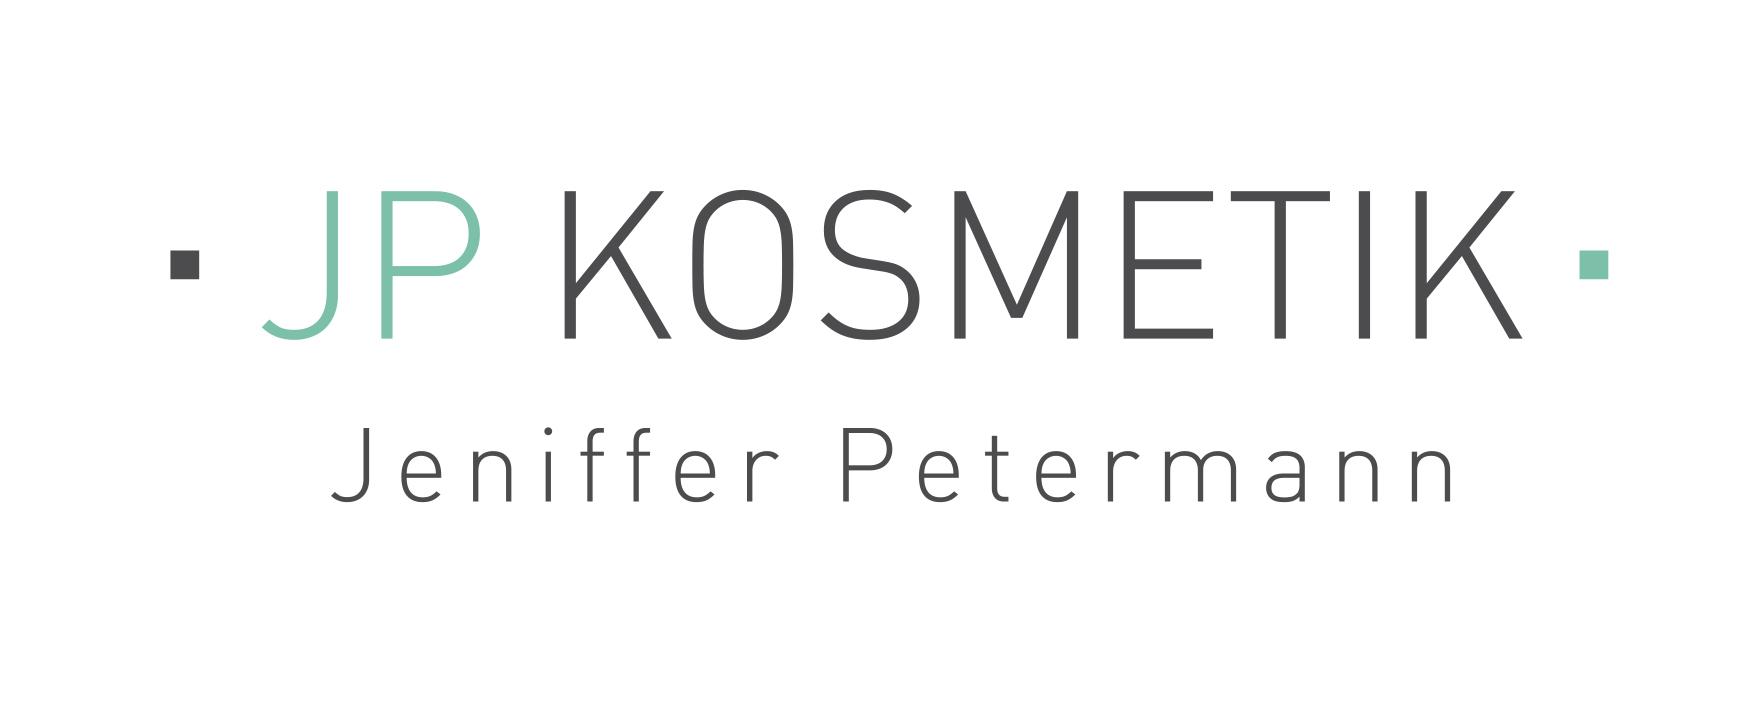 jpkosmetik.de